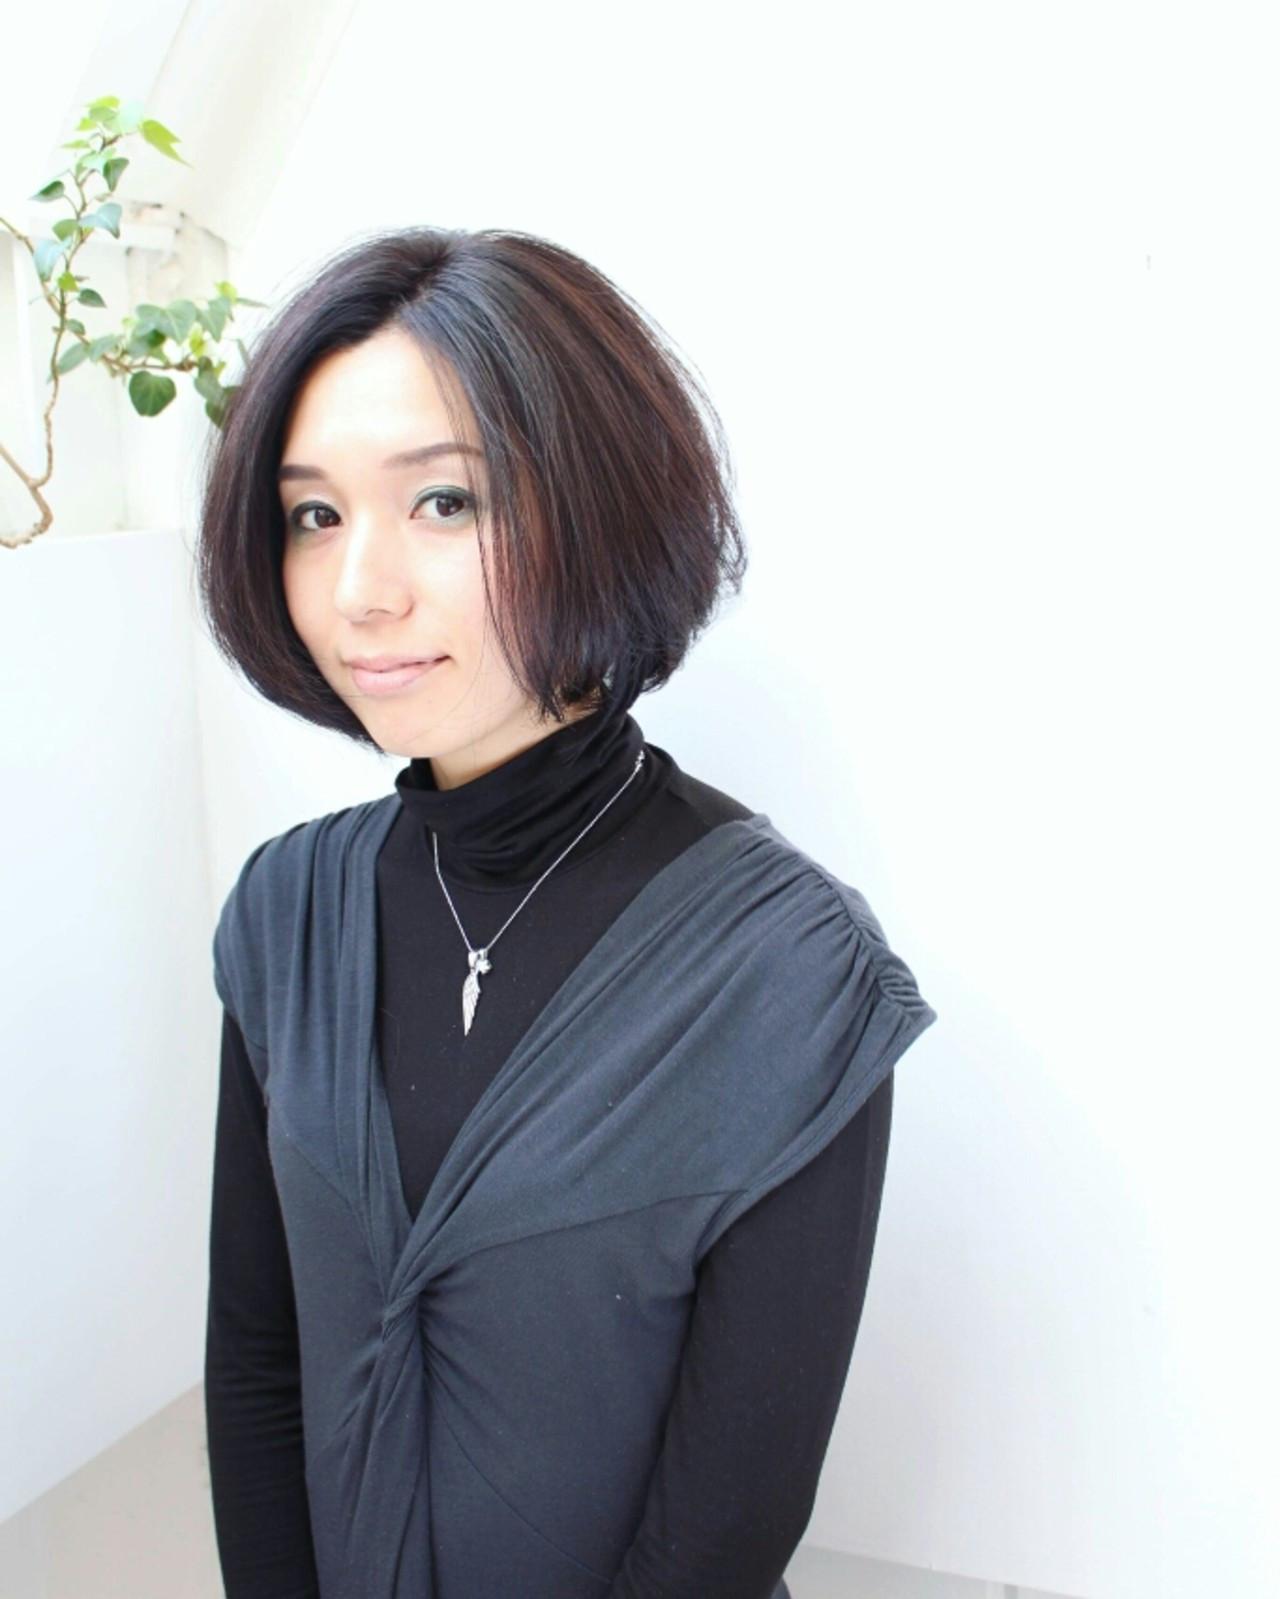 前下がりボブで大人クールな黒髪ボブ Seiichirou Ueda | atelier luretta